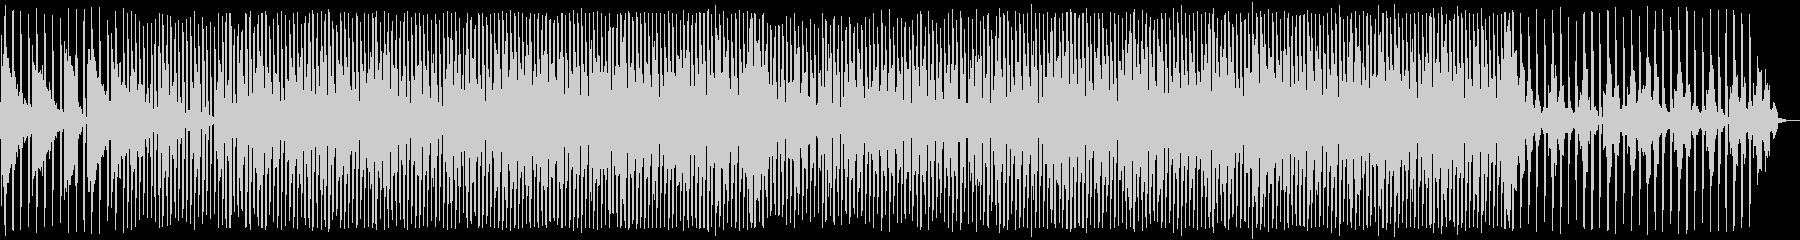 電子の海に旅立つBGM_No357の未再生の波形